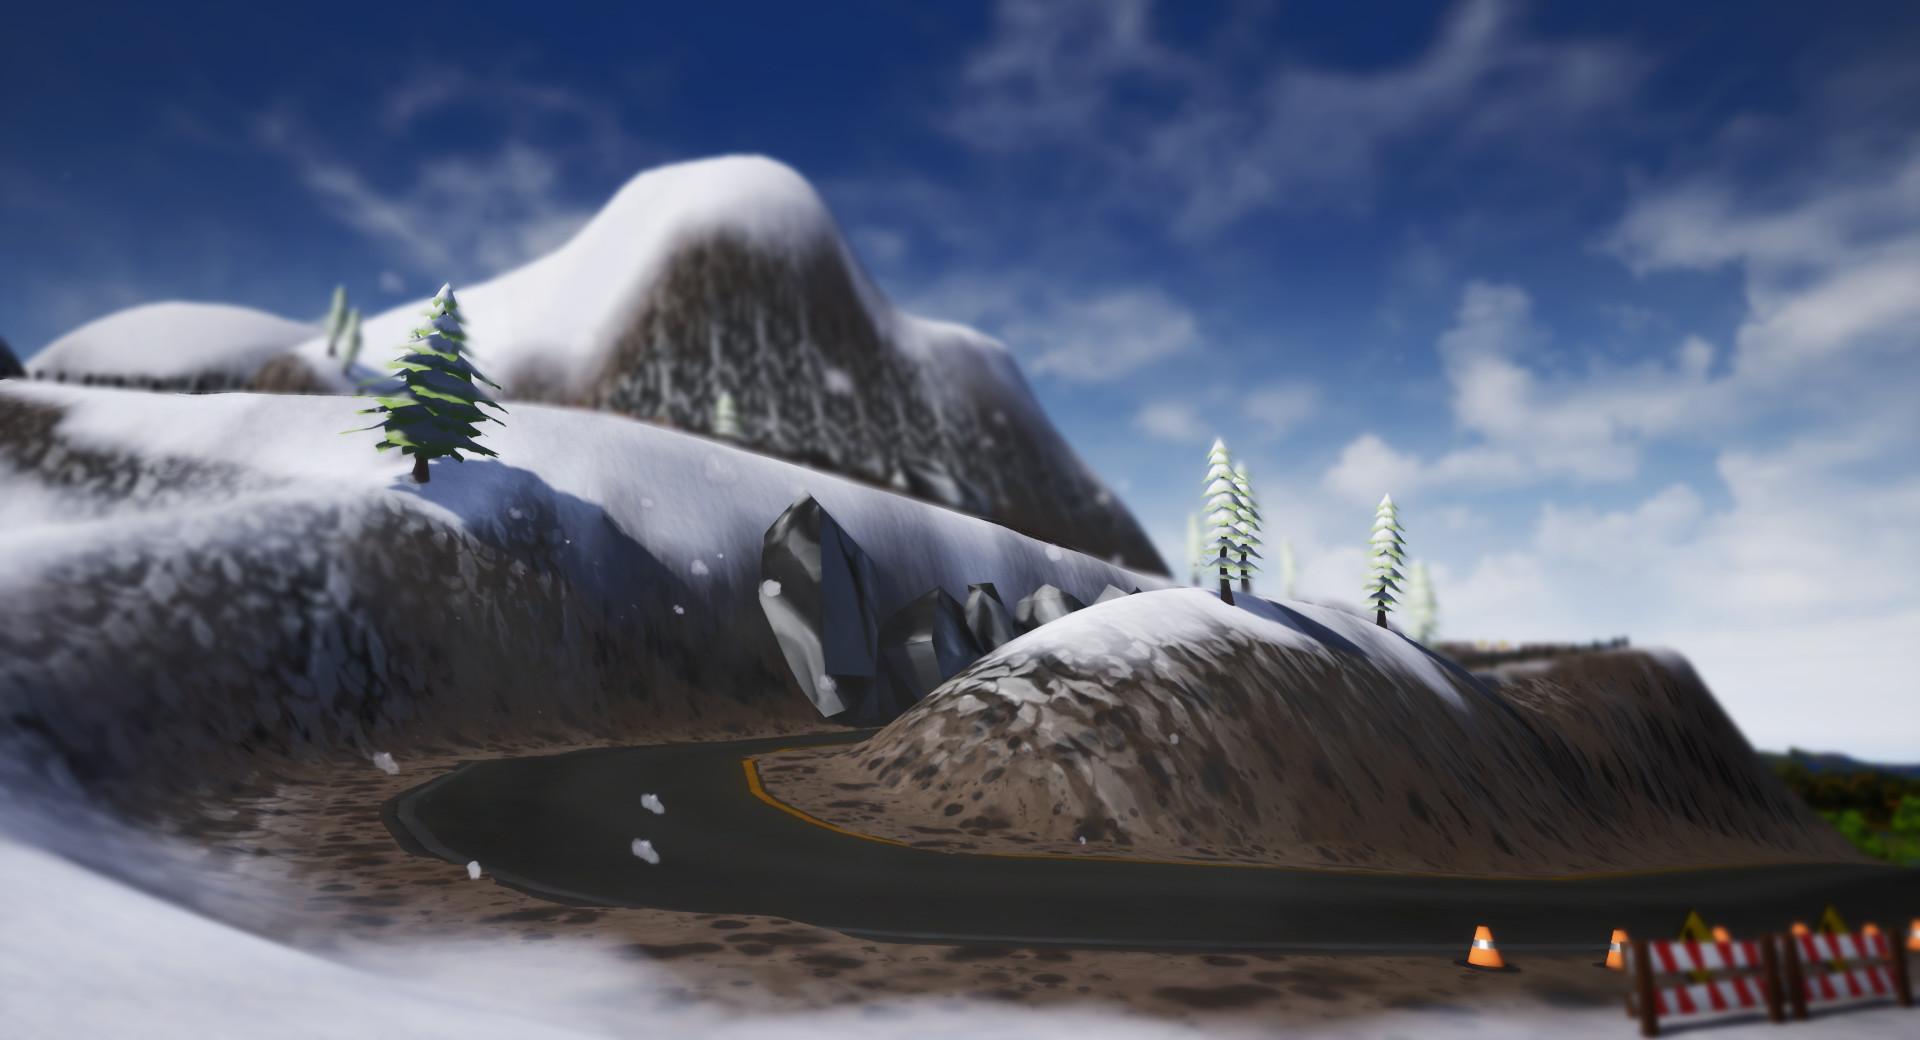 Diana ulloa mountainscene